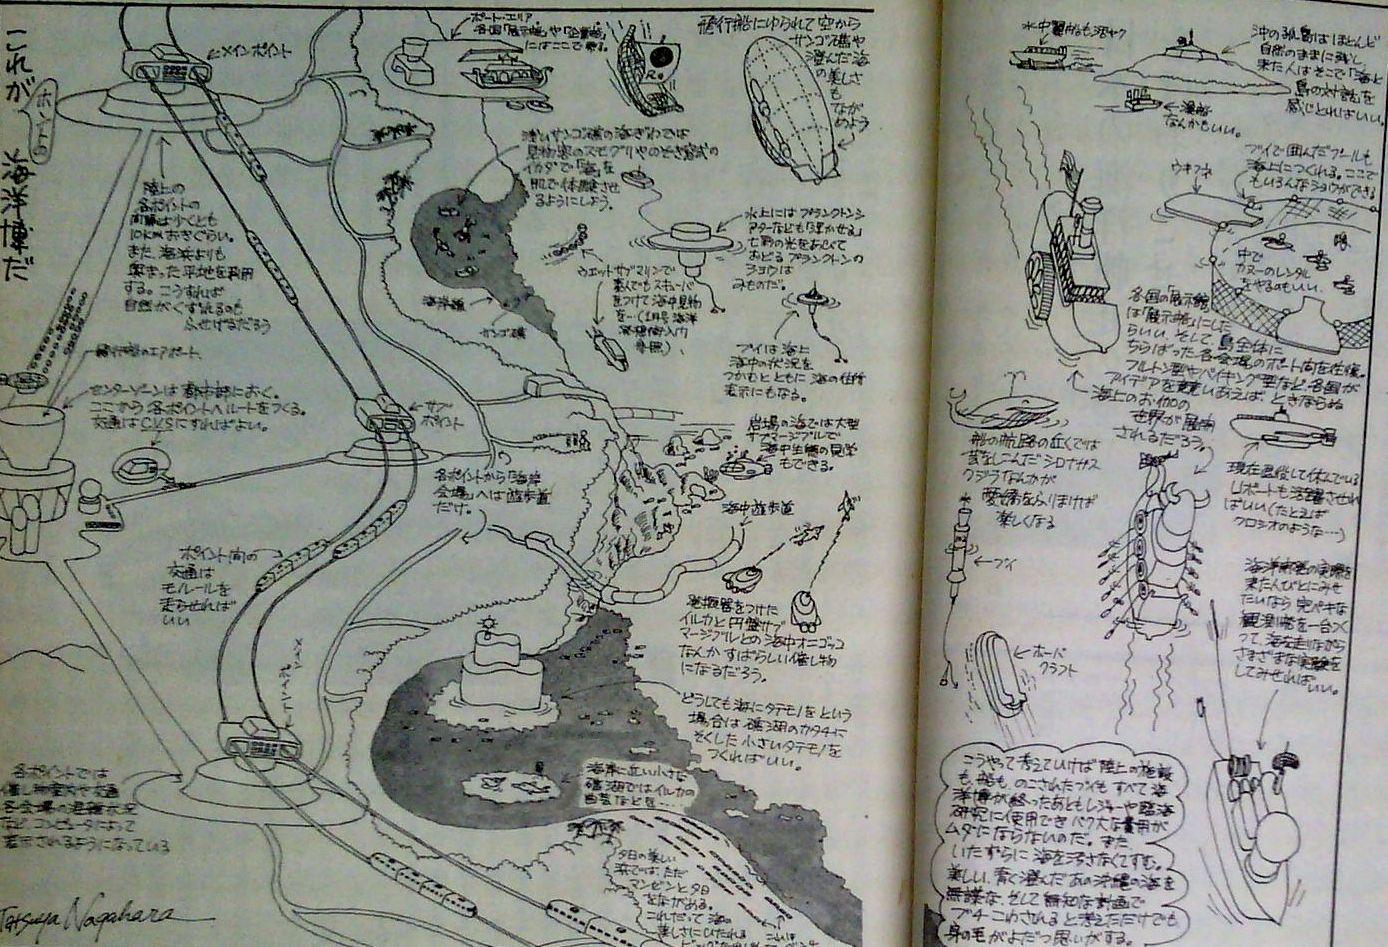 0326 ダイビングの歴史58 海の世界 1972-01_b0075059_13464294.jpg